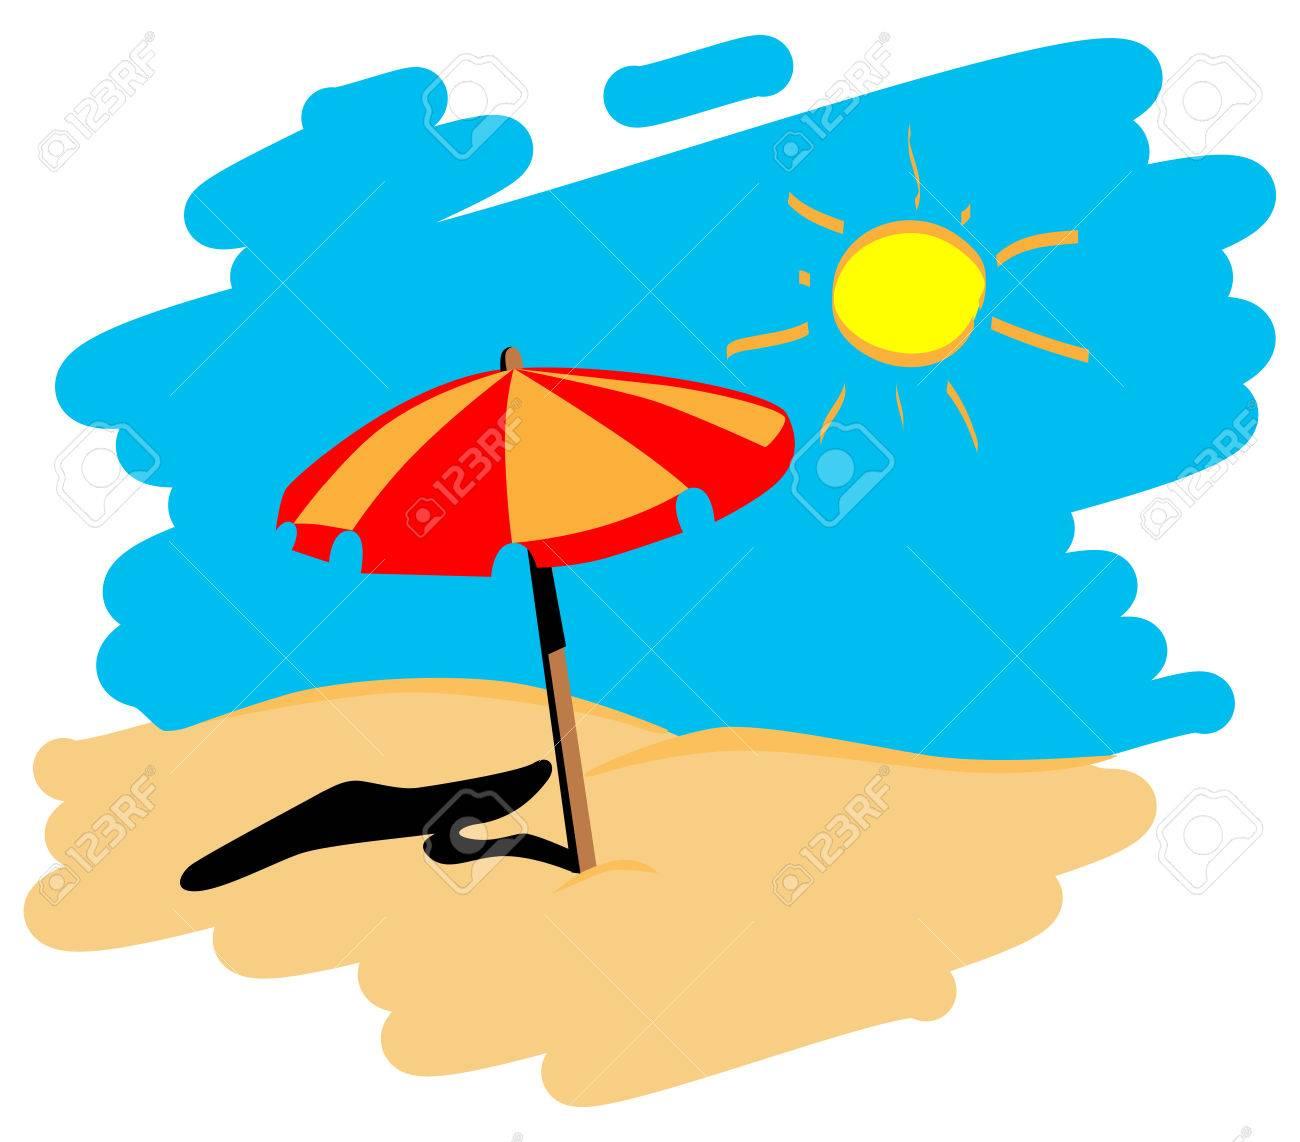 Liegestuhl mit sonnenschirm clipart  Liegestuhl Mit Sonnenschirm Strand | tentfox.com